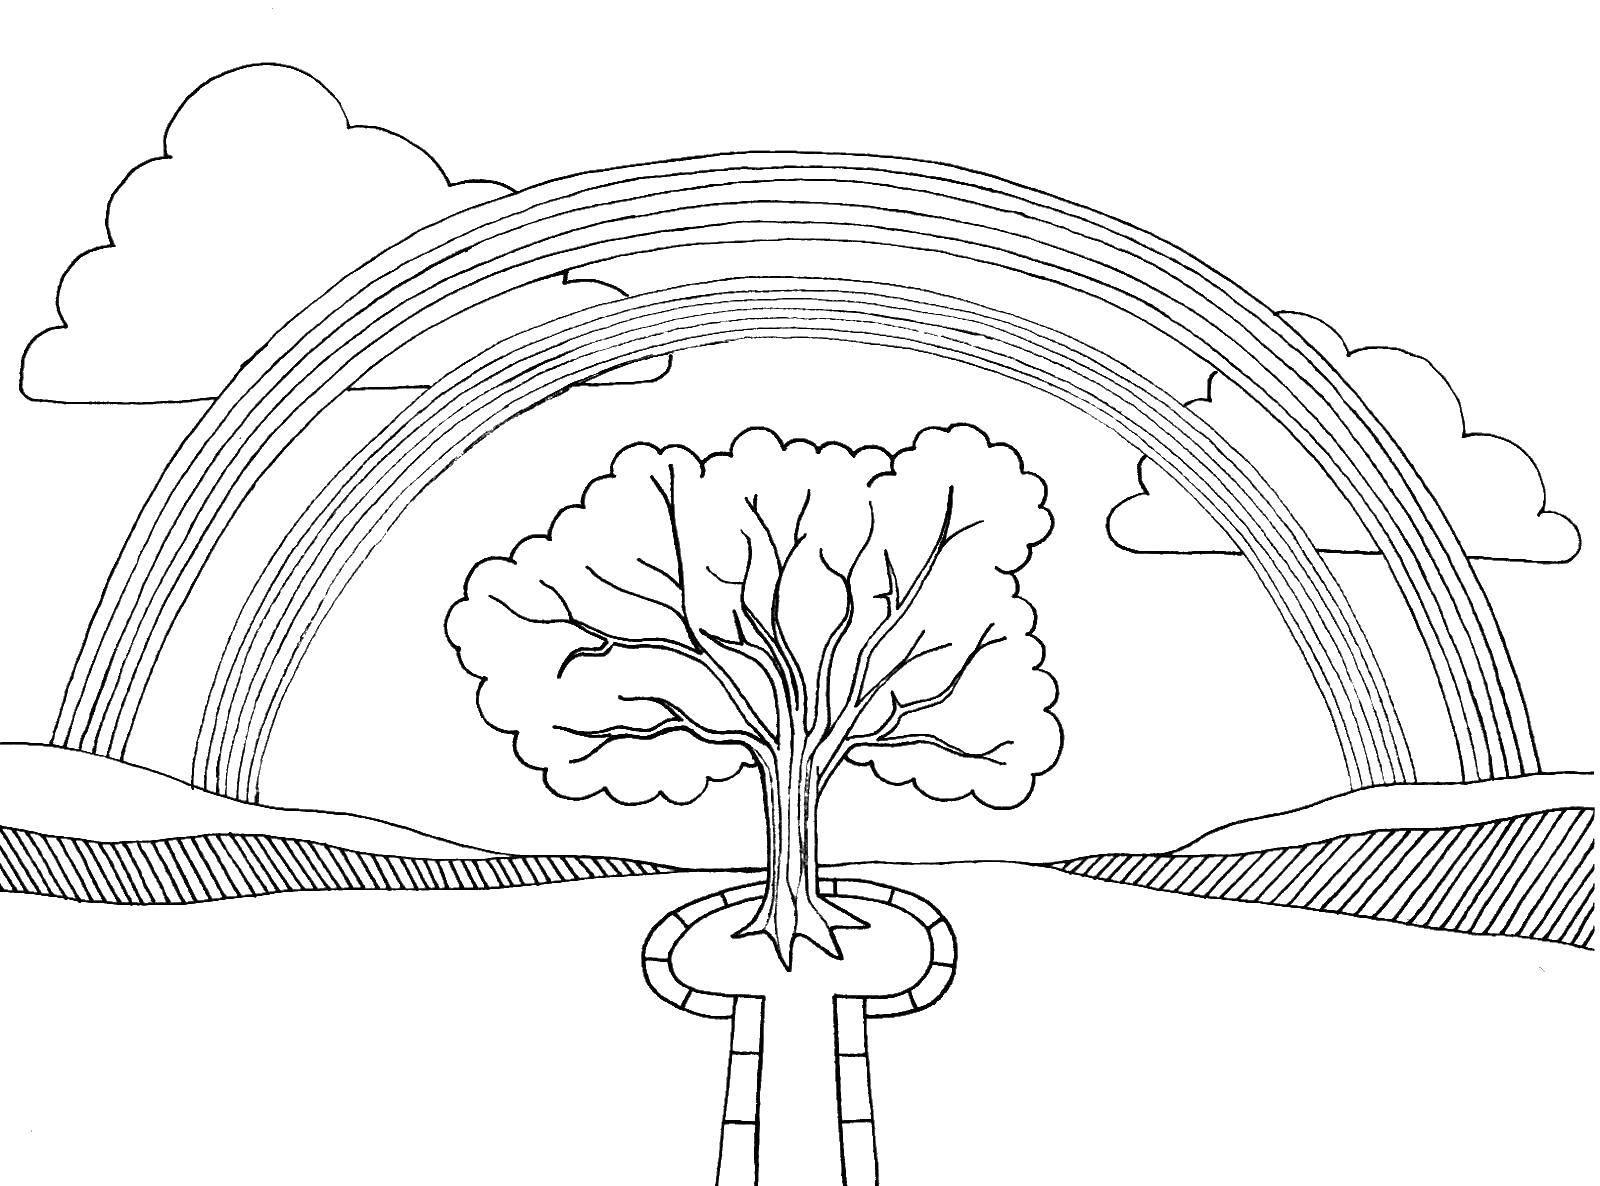 Раскраска Радуга над деревом Скачать радуга, дерево.  Распечатать ,Радуга,